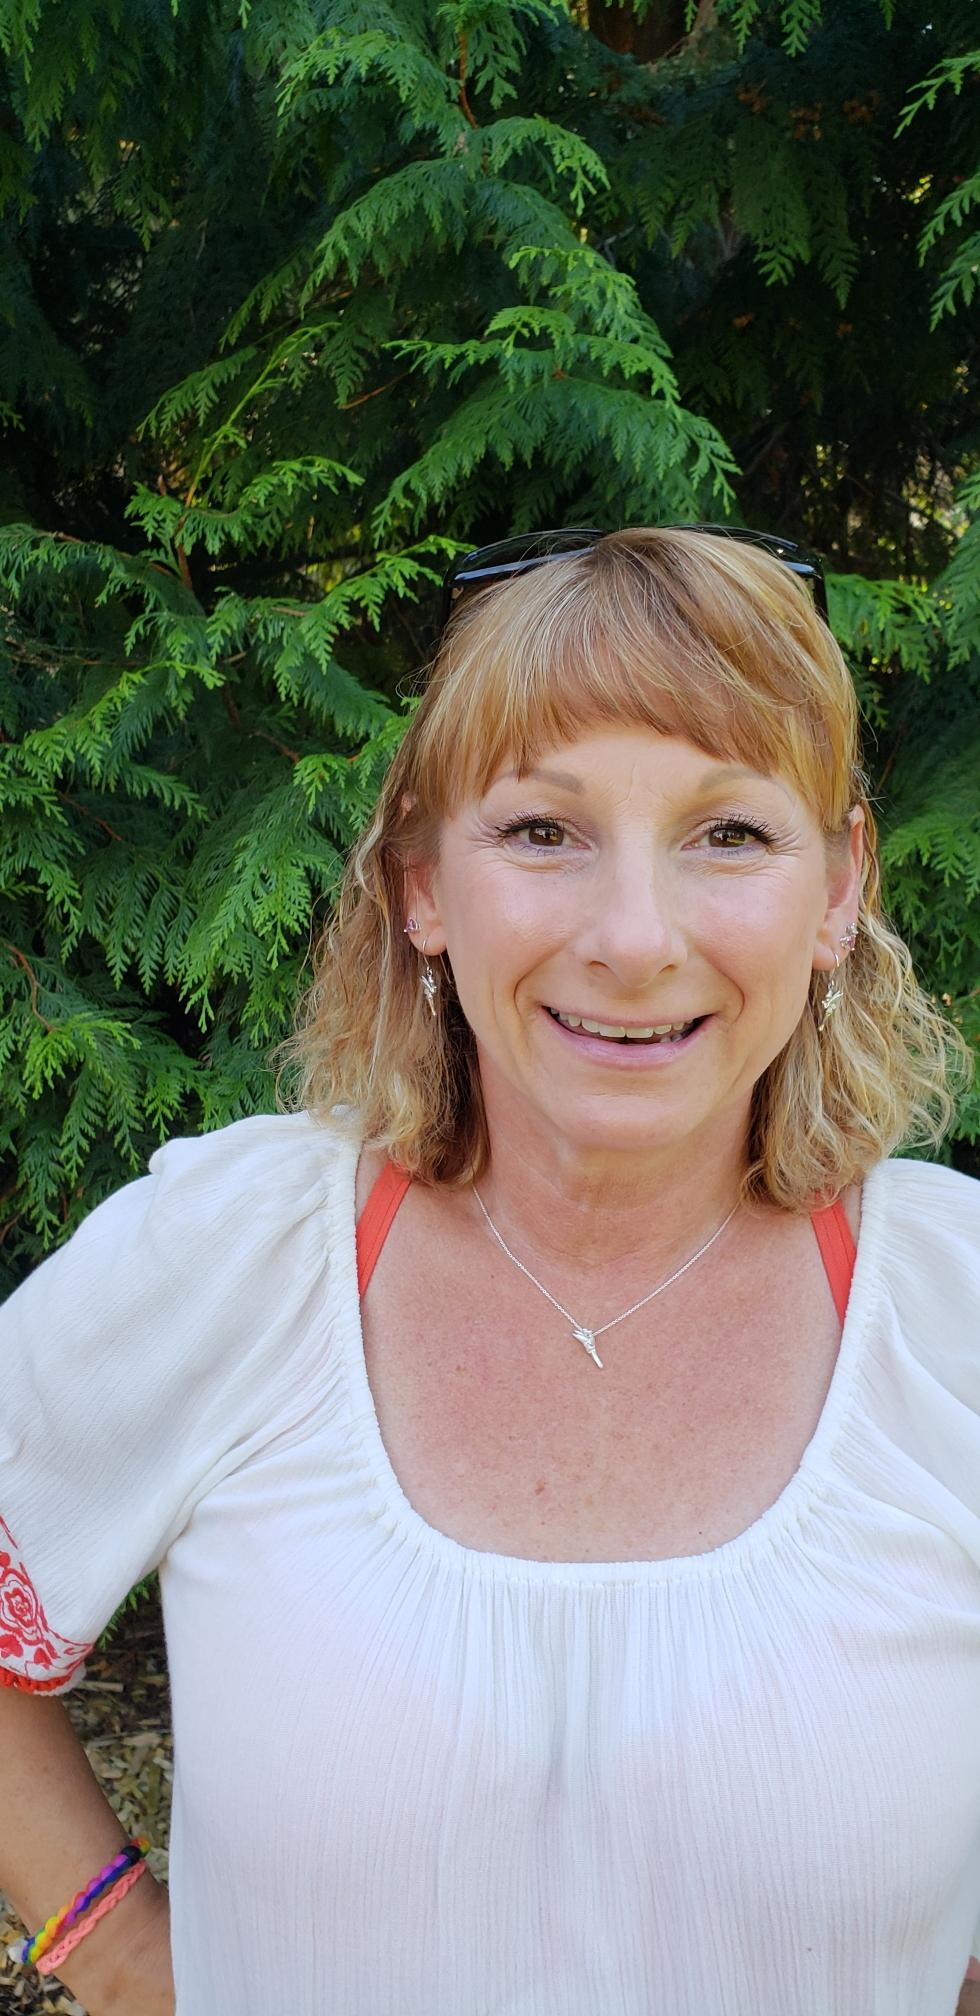 Kimberly Moynihan  | After School Teacher